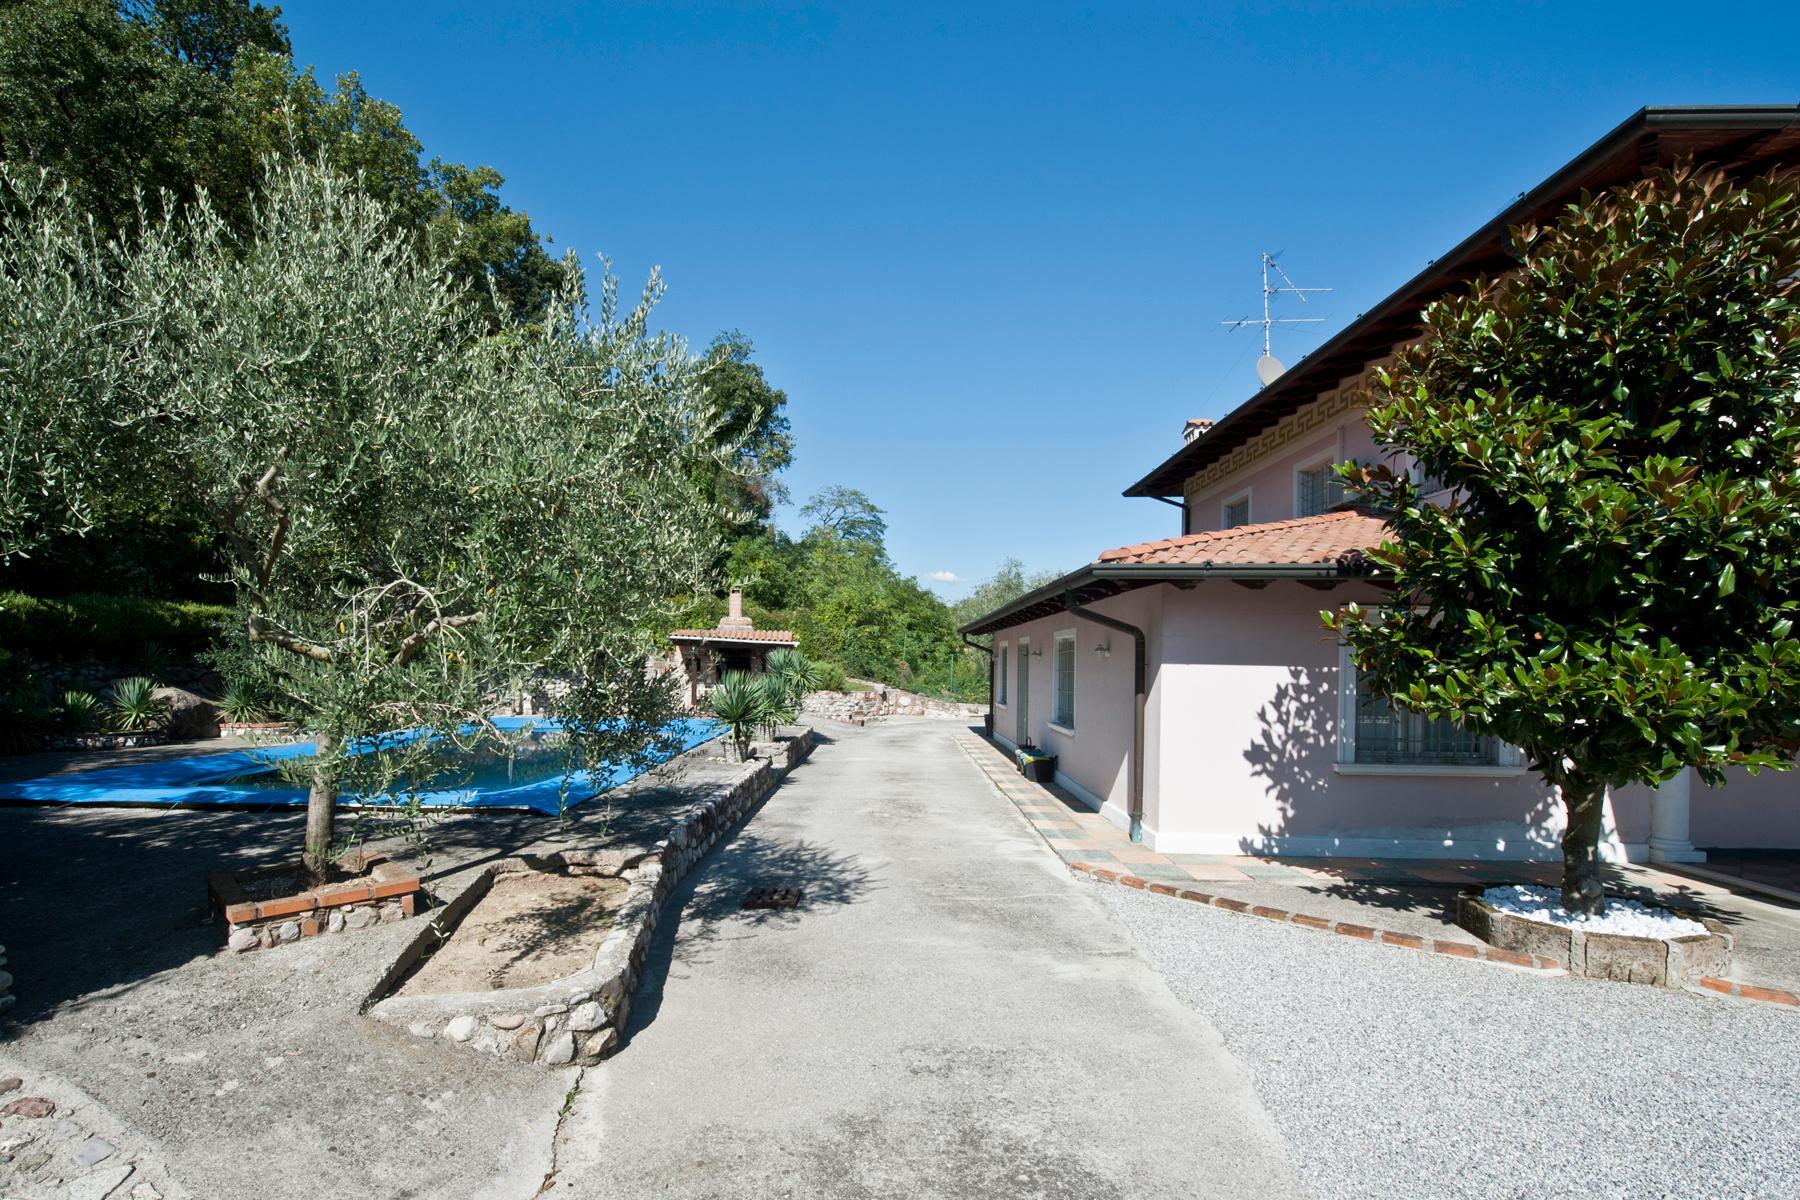 Villa indipendente di charme con piscina ed ampio giardino - 13